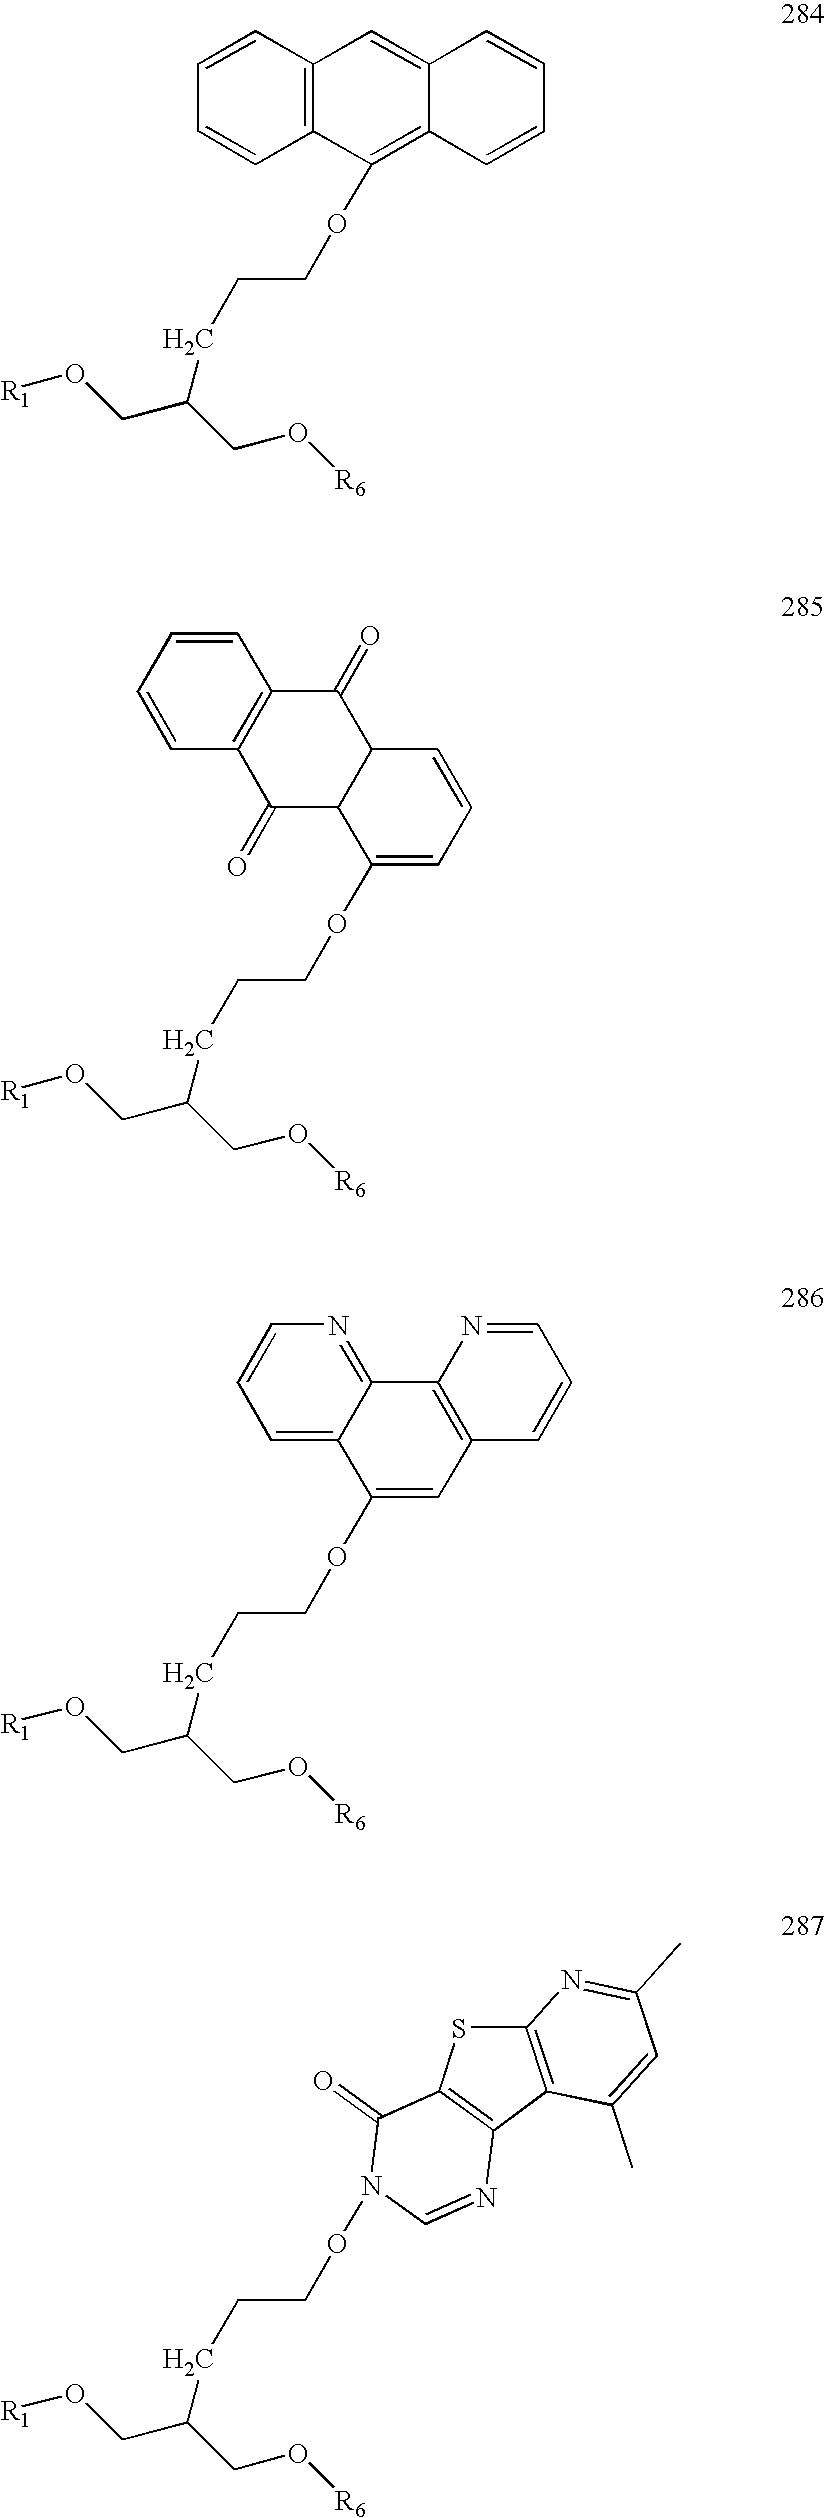 Figure US20060014144A1-20060119-C00150